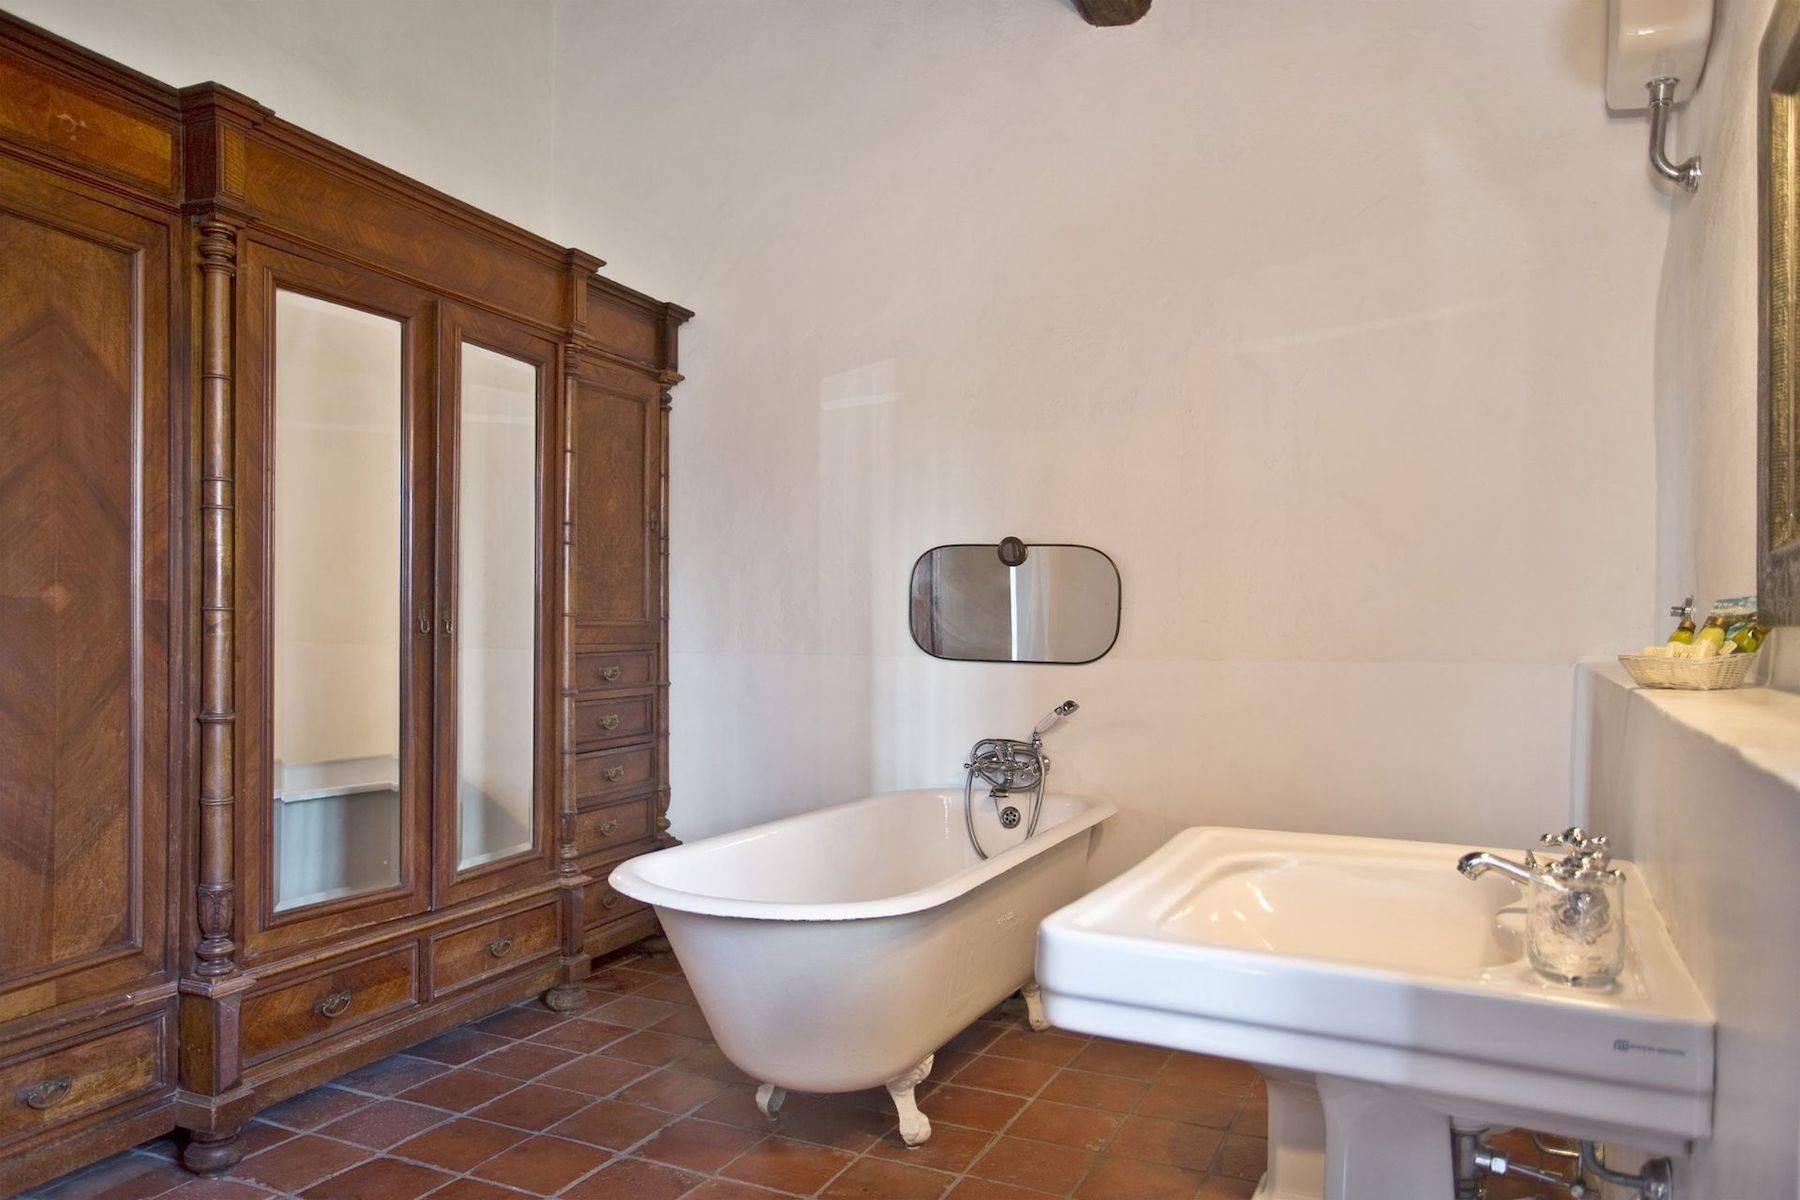 Villa in Vendita a Rignano Sull'Arno: 5 locali, 550 mq - Foto 17